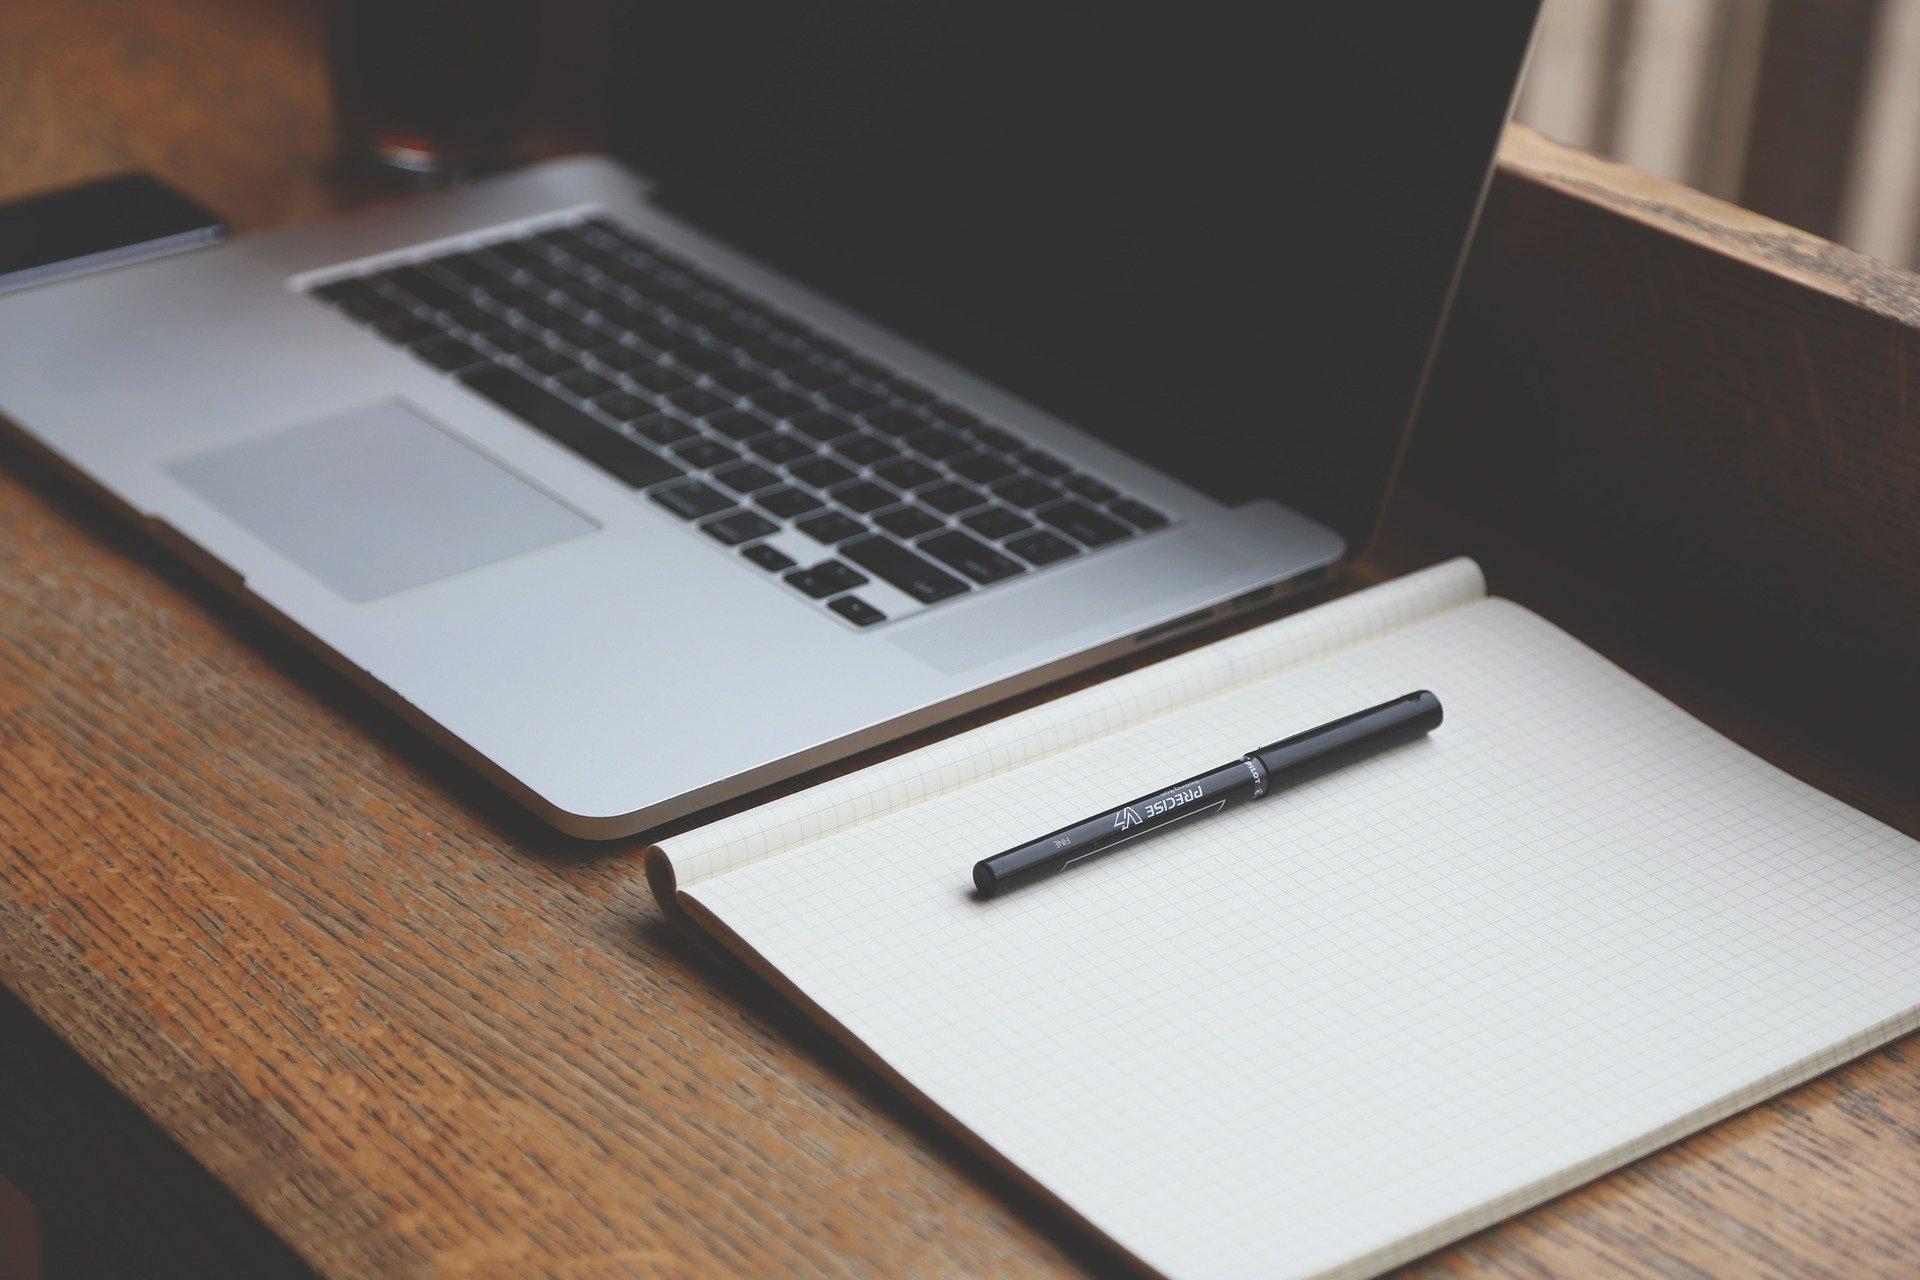 Дмитрий Миронов: 92 школы региона получат ноутбуки и многофункциональные устройства